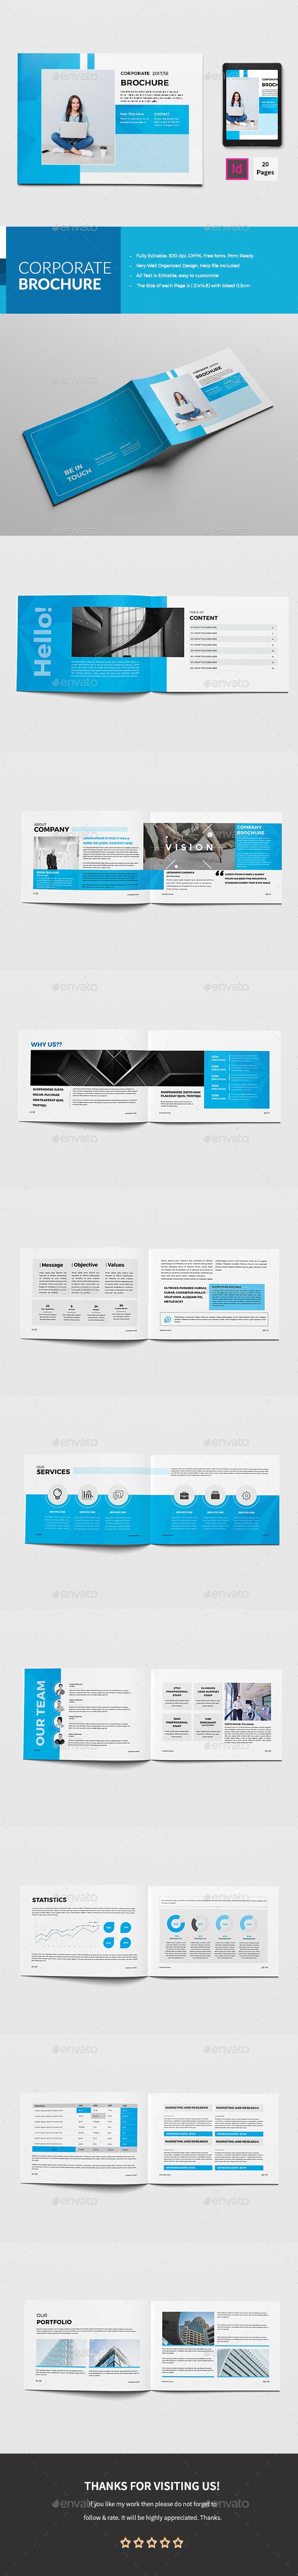 GraphicRiver A5 Corporate Brochure 20808360